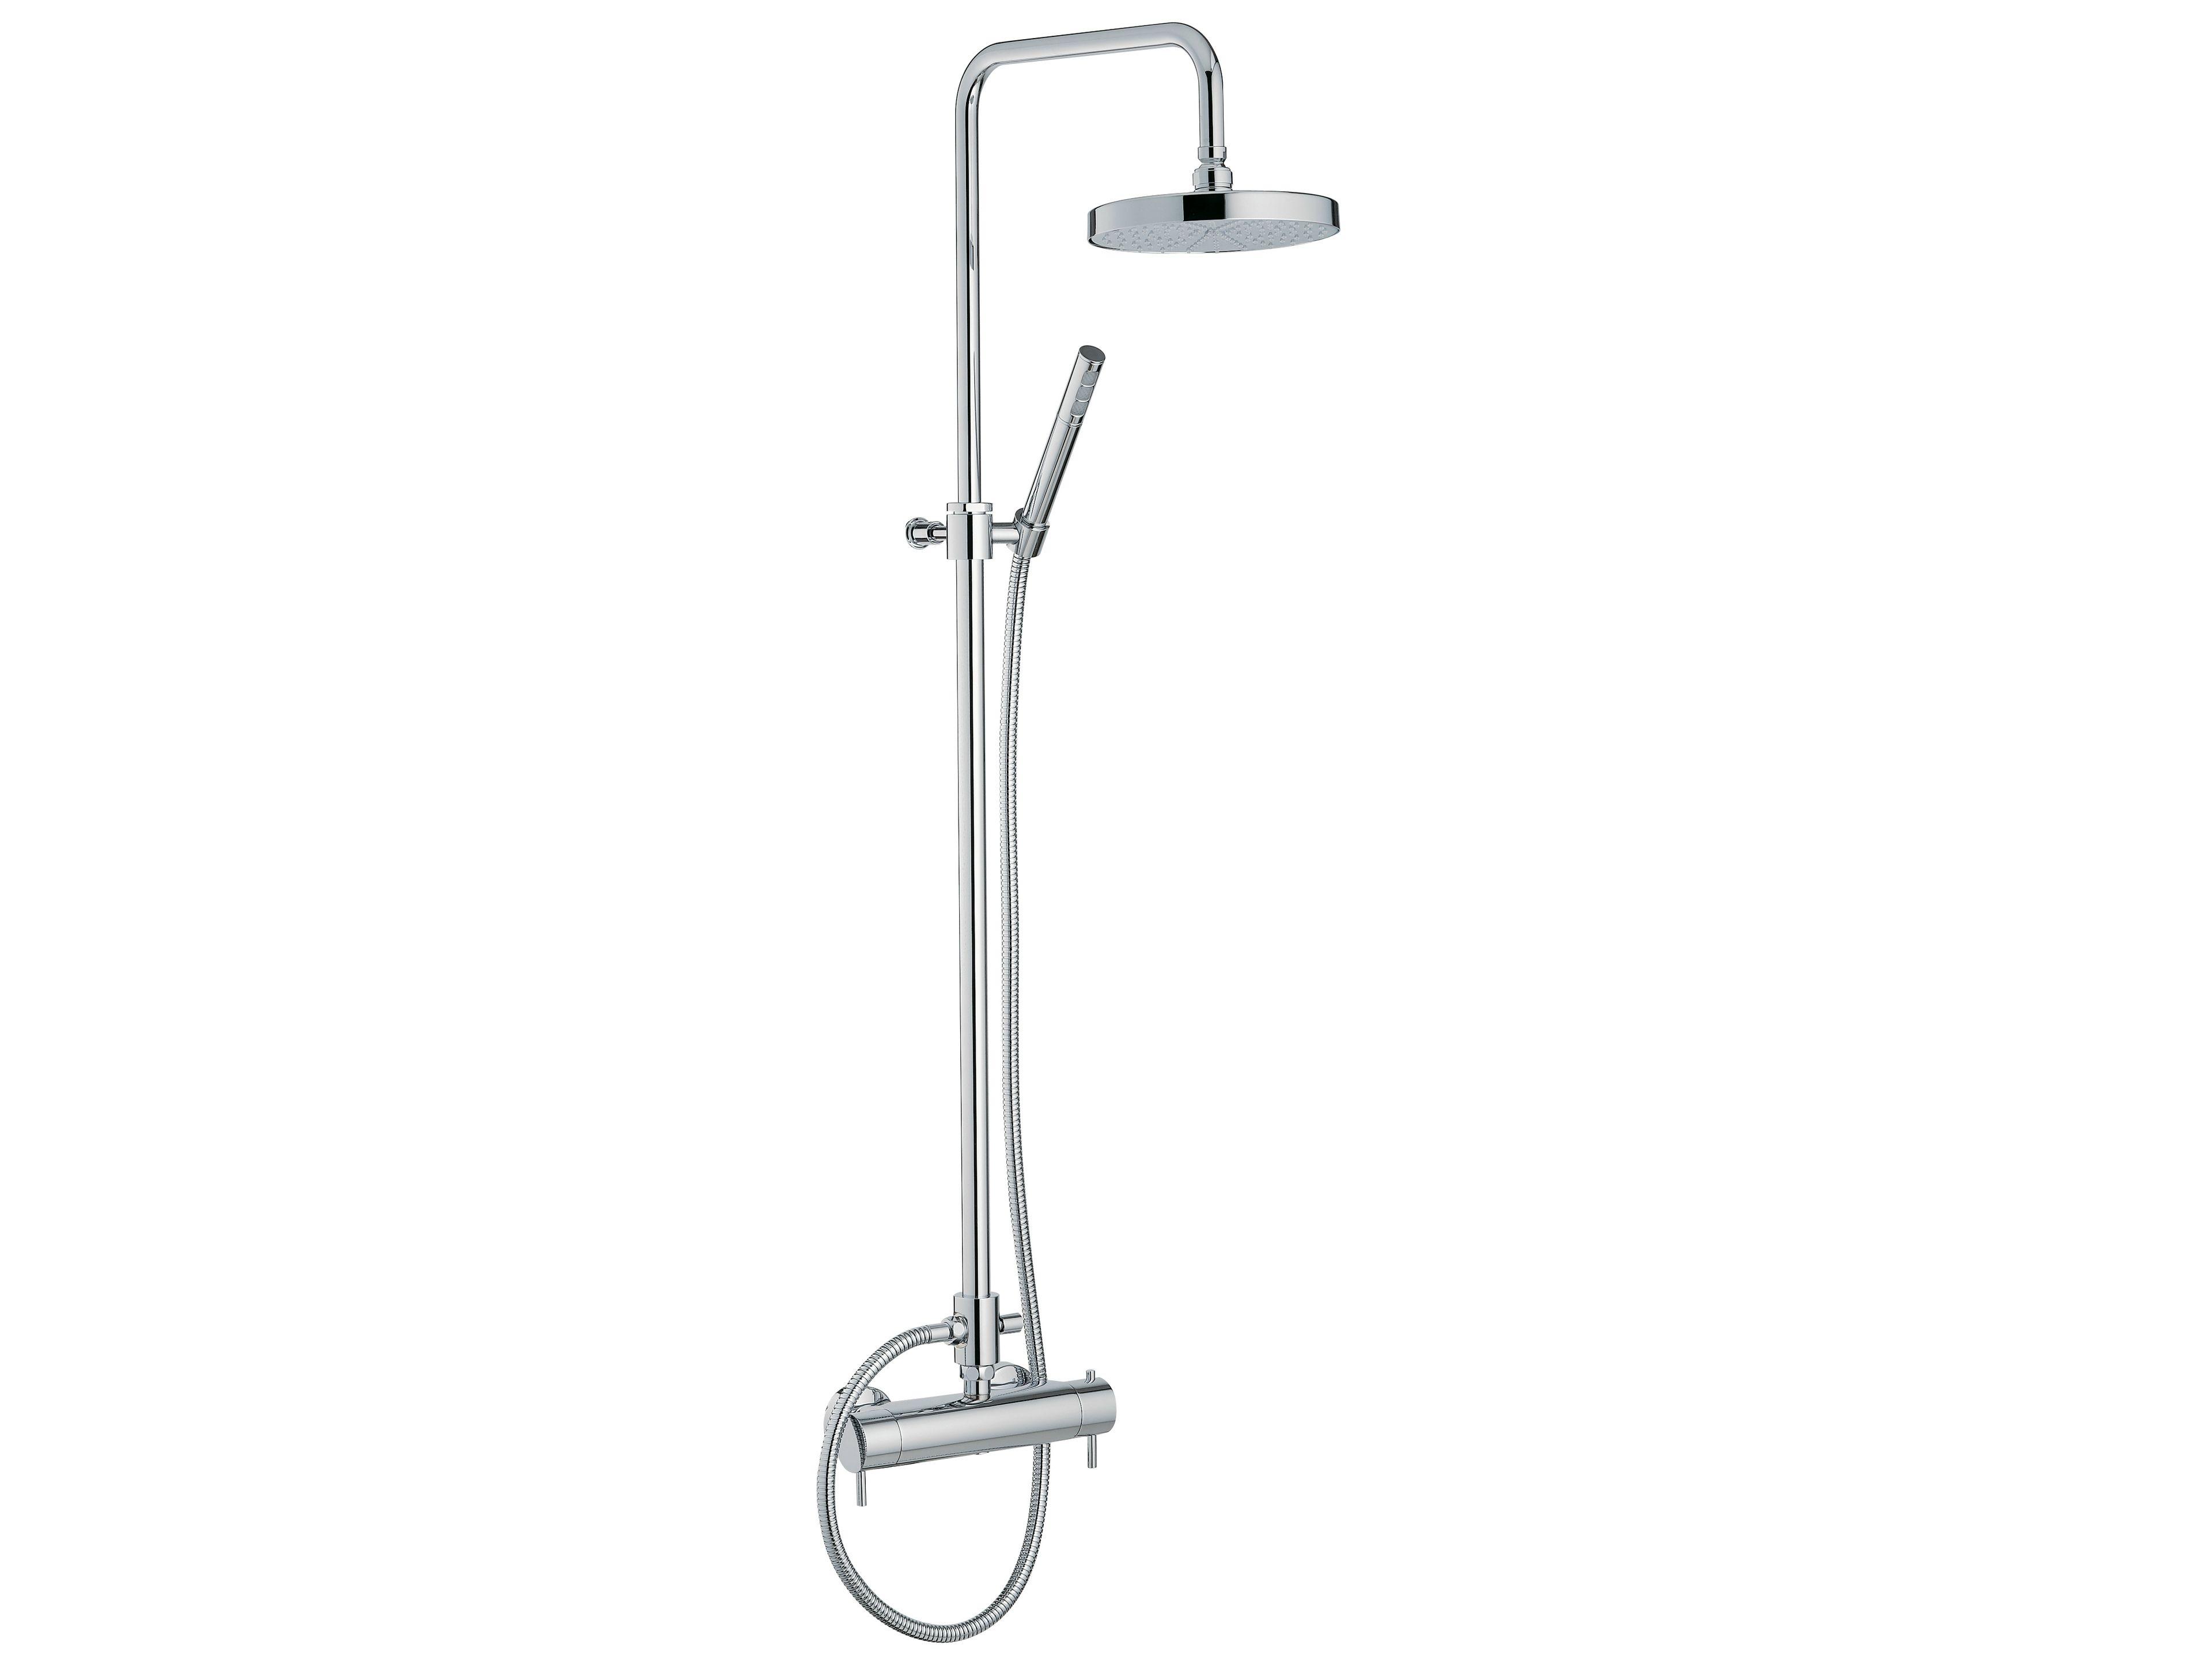 Colonne de douche mitigeur classique - Meilleur colonne de douche ...